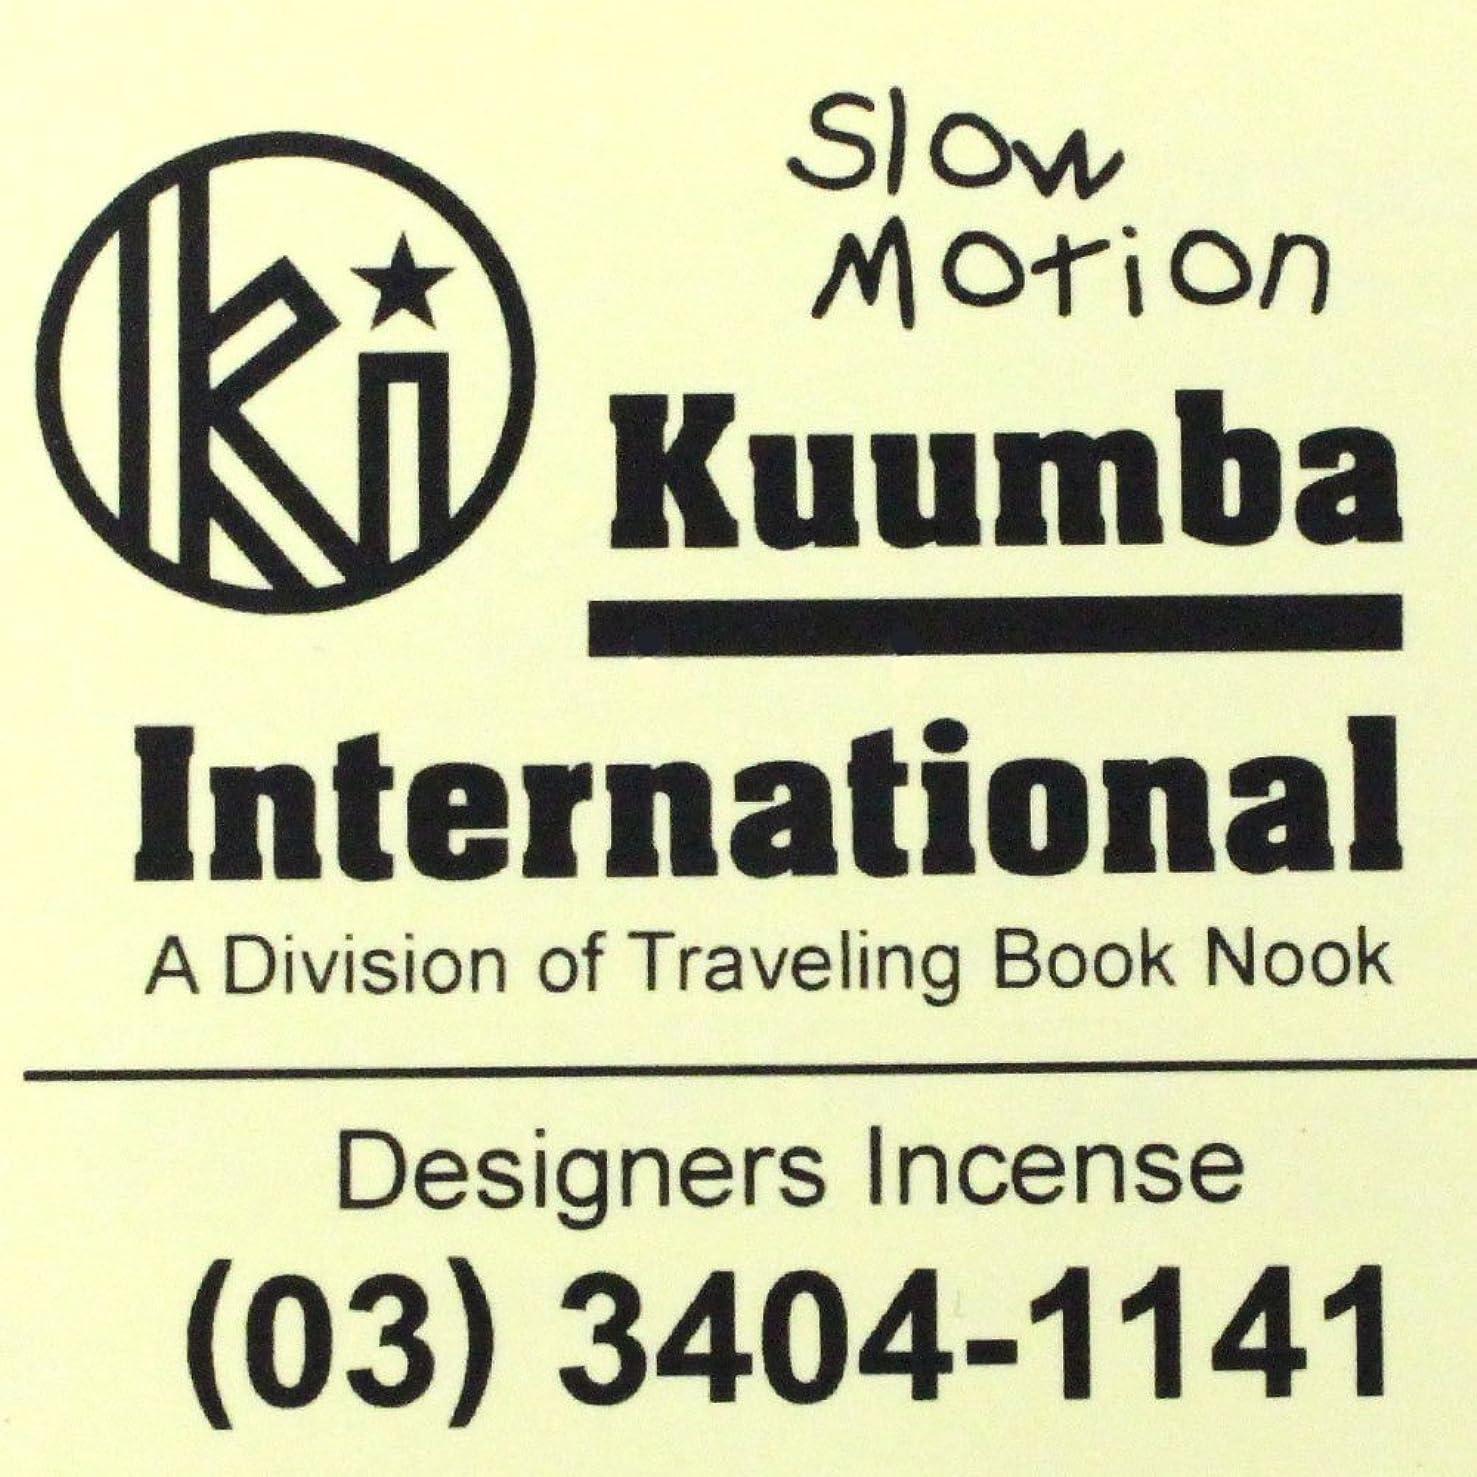 絶滅した宣伝観光に行く(クンバ) KUUMBA『incense』(Slow Motion) (Regular size)